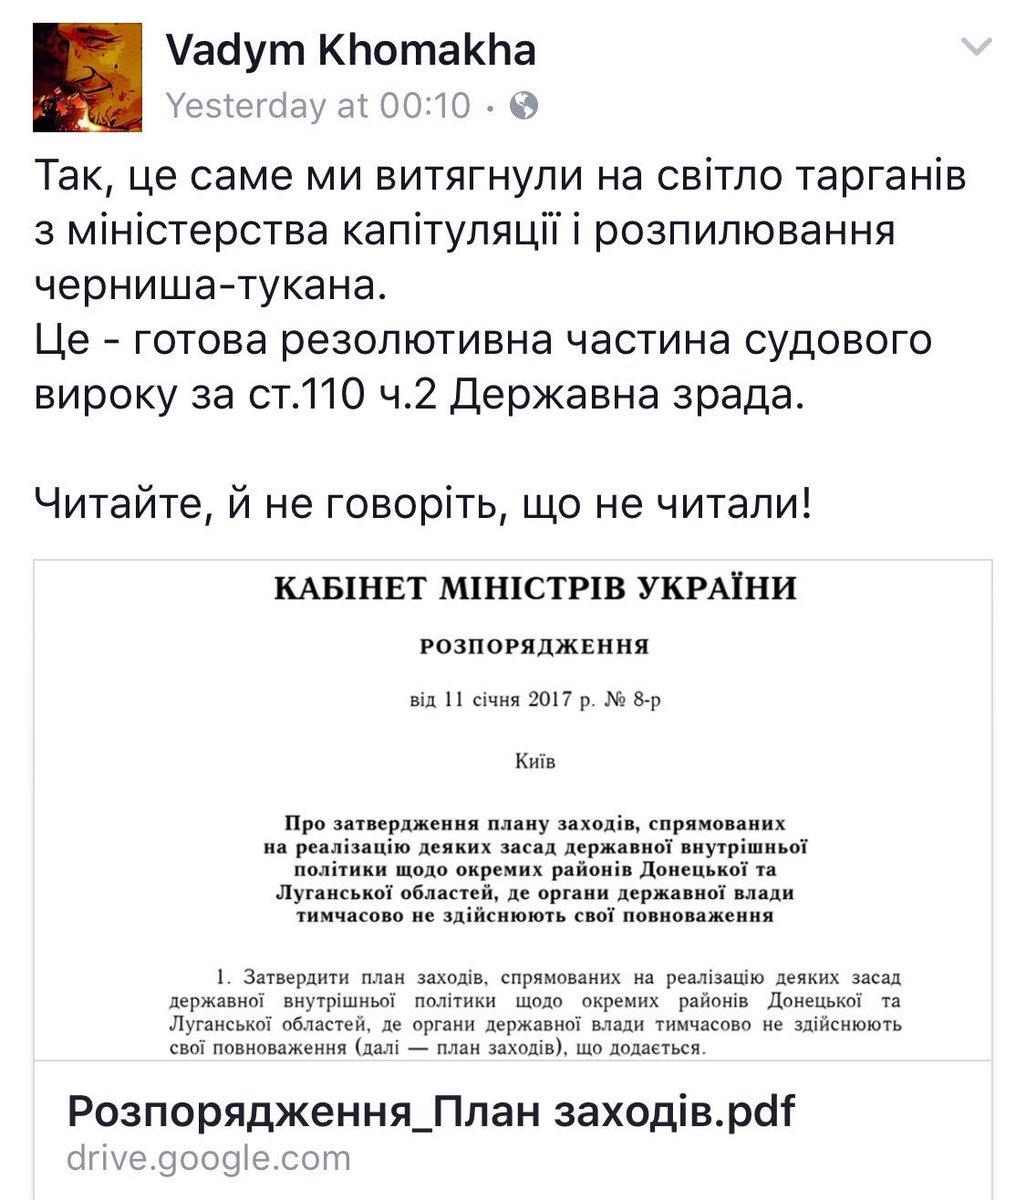 Лавров: Идея размещения полицейской миссии ОБСЕ на Донбассе противоречит Минским соглашениям - Цензор.НЕТ 757